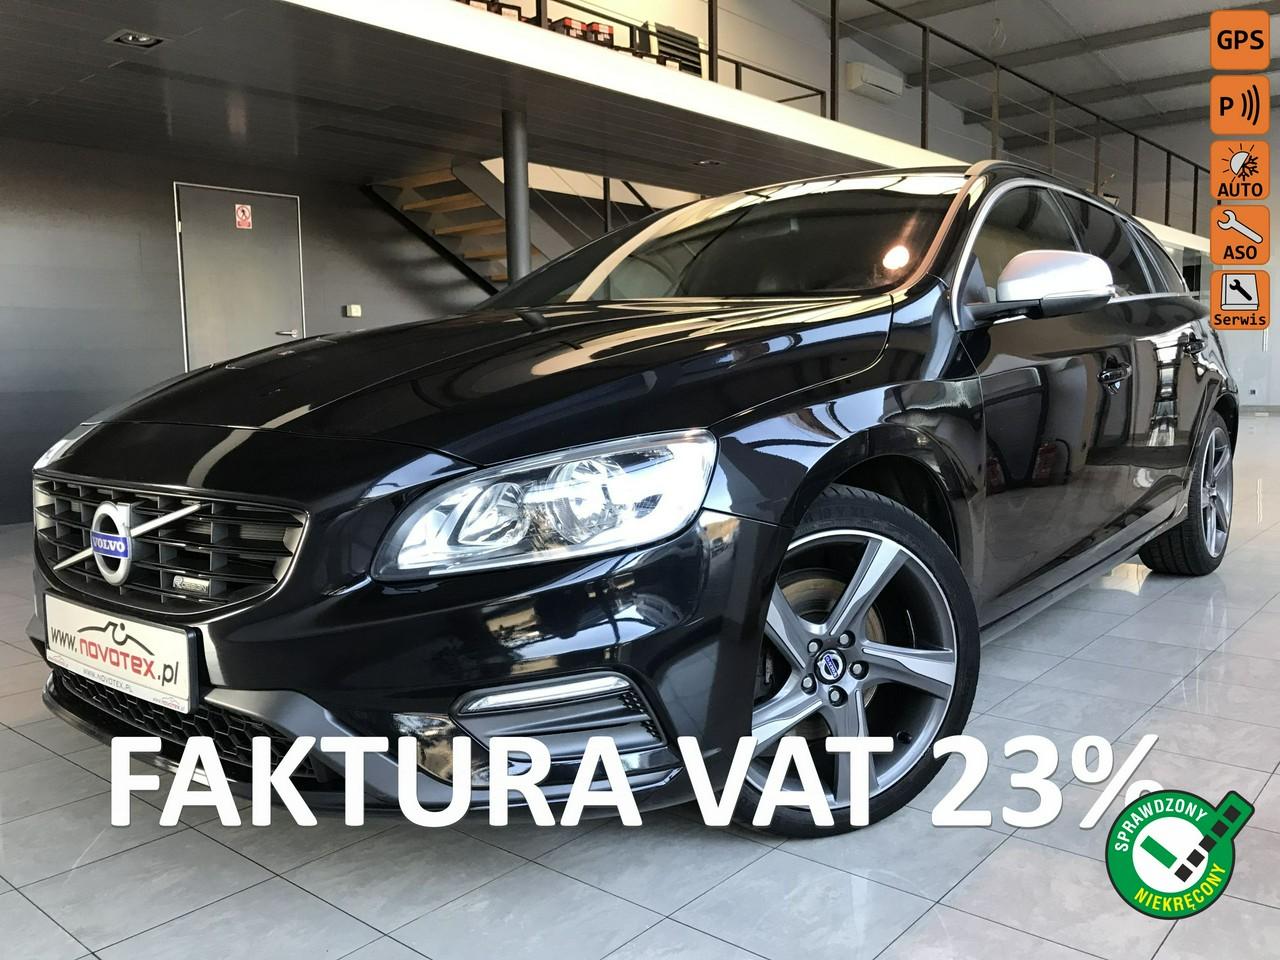 Volvo V60 D4*R-Design*181KM*skóra*nowy rozrząd*serwis ASO Volvo*Gwarancja